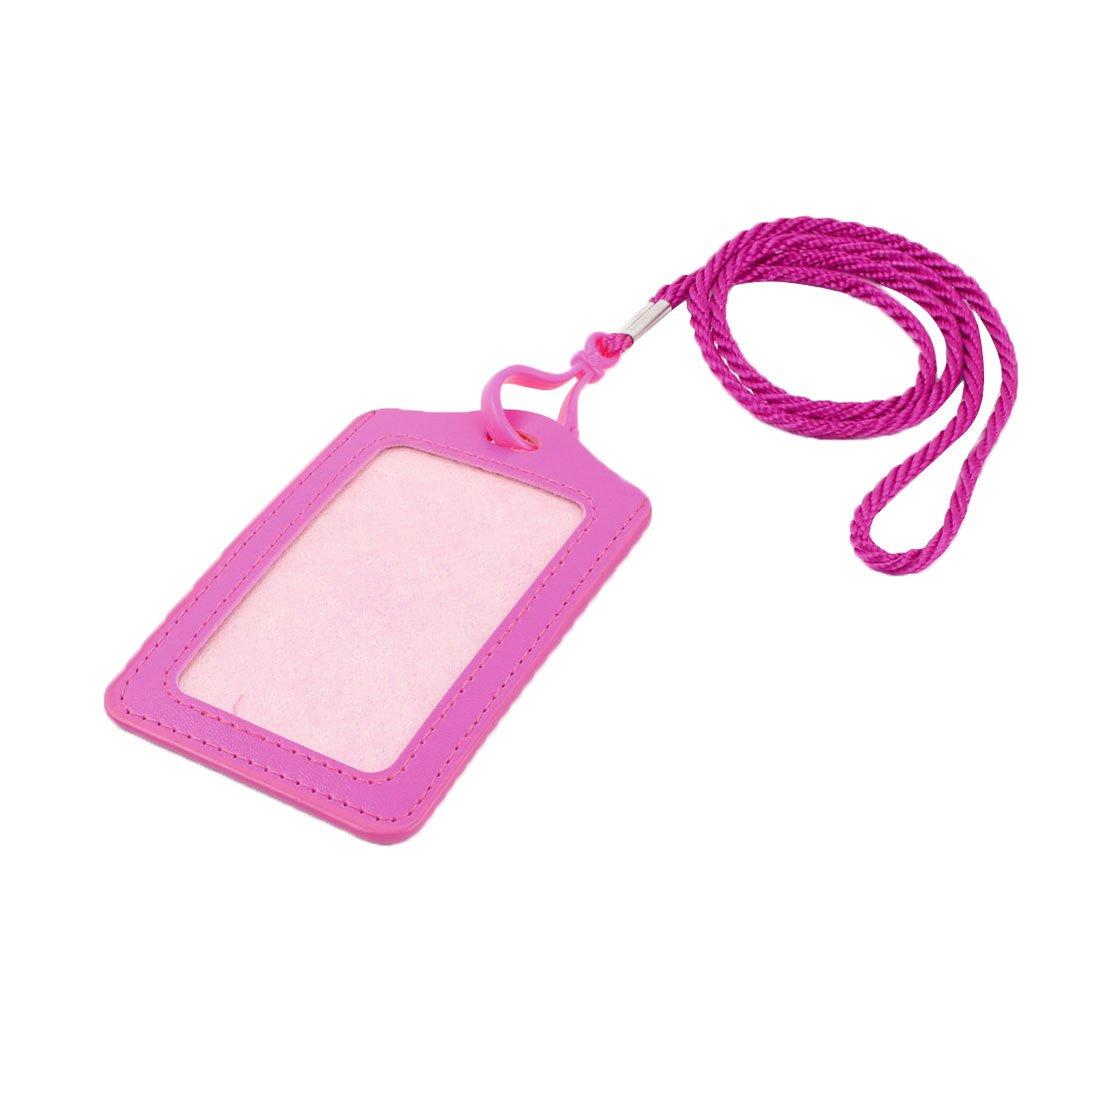 Cordino in Nylon da ufficio, verticale, Badge, colore: rosa SourcingMap a15013000ux0080